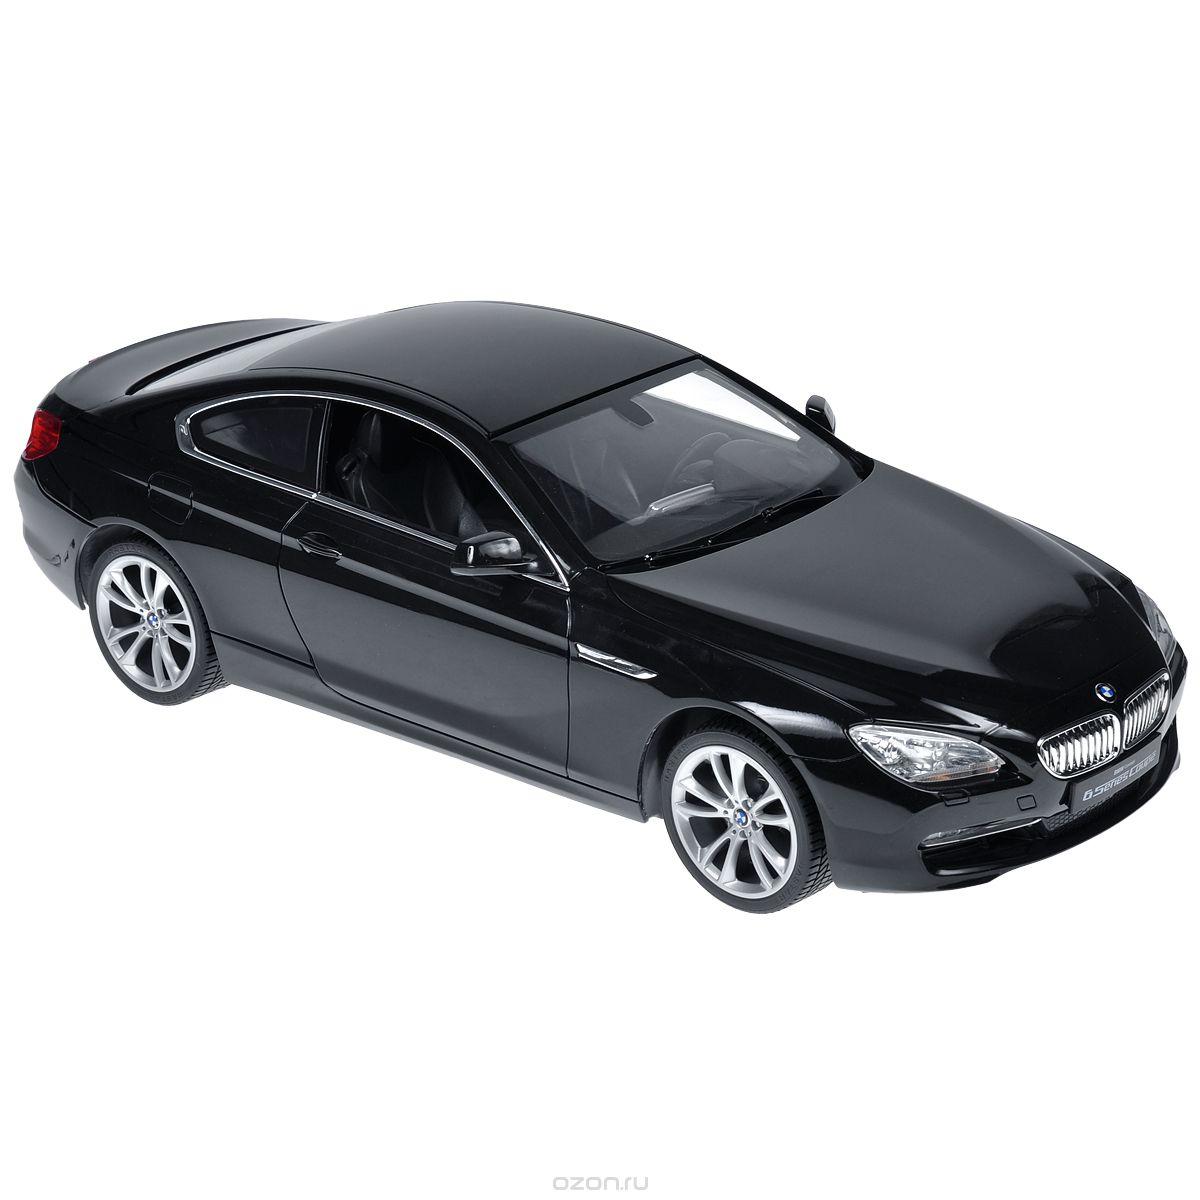 Rastar Радиоуправляемая модель BMW 6S цвет черный52300Радиоуправляемая модель Rastar BMW 6S со световыми эффектами, являющаяся точной копией настоящего автомобиля, - отличный подарок не только ребенку, но и взрослому. Автомобиль изготовлен из современных прочных материалов и обладает высокой стабильностью движения, что позволяет полностью контролировать его процесс, управляя без суеты и страха сломать игрушку. Основные направления движения автомобиля: вперед-назад-влево-вправо. Движение вперед и назад сопровождается сигнальными световыми эффектами фар. Прорезиненные колеса обеспечивают превосходное сцепление с любой поверхностью пола. Автомобиль работает от аккумулятора Ni-Cd AA 600 mAh 9.6V, заряжающегося от электрической сети. В комплект входят автомобиль, пульт управления, аккумулятор, зарядное устройство и инструкция на русском языке. Автомобиль работает от аккумулятора Ni-Cd AA 600 mAh 9.6V (входит в комплект), пульт управления - от 1 батарейки 9V 6F22 (не входит в комплект).